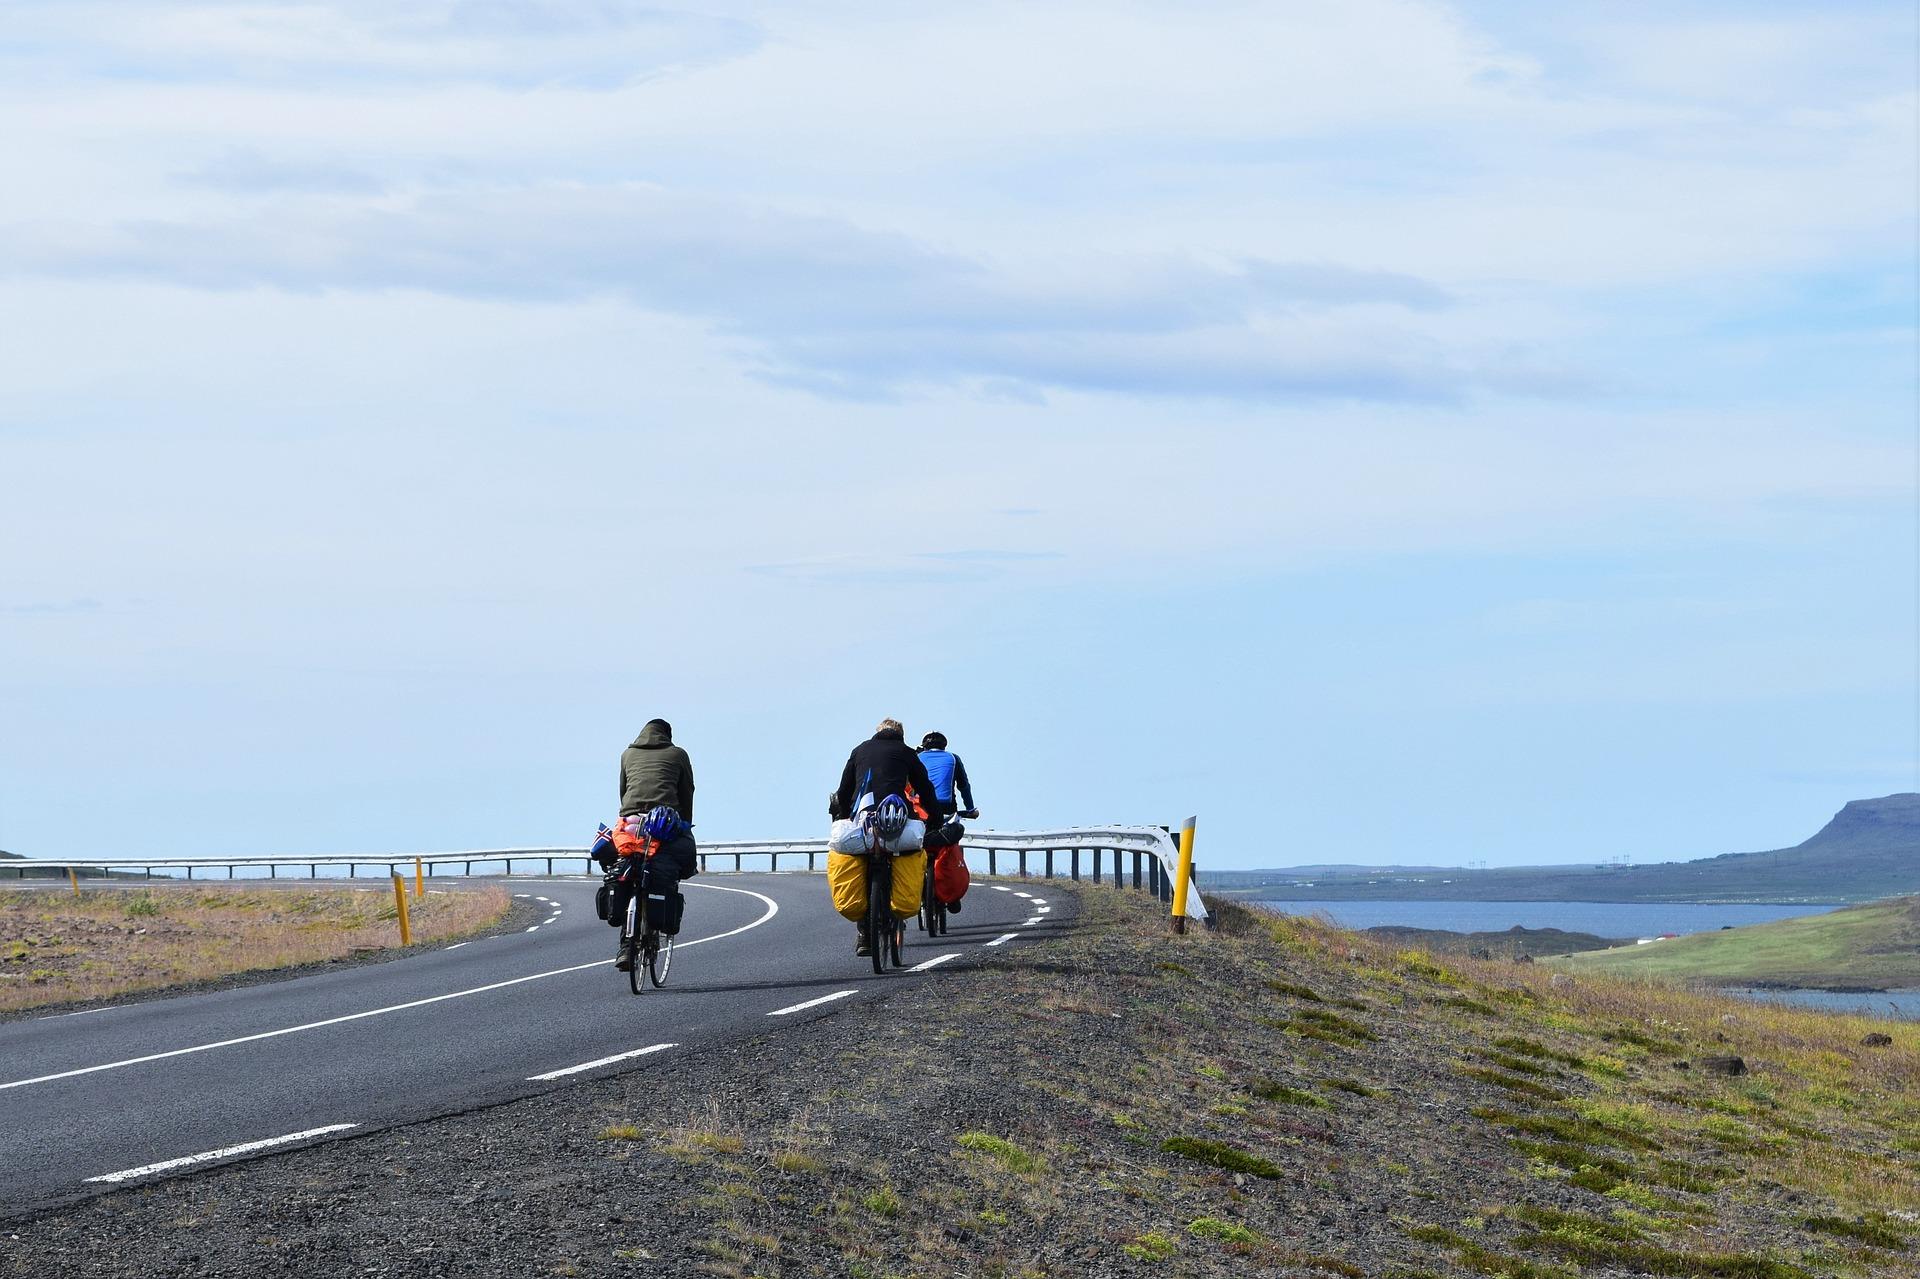 voyage à vélo - Nutrition en vélo: comment avoir une meilleure alimentation?